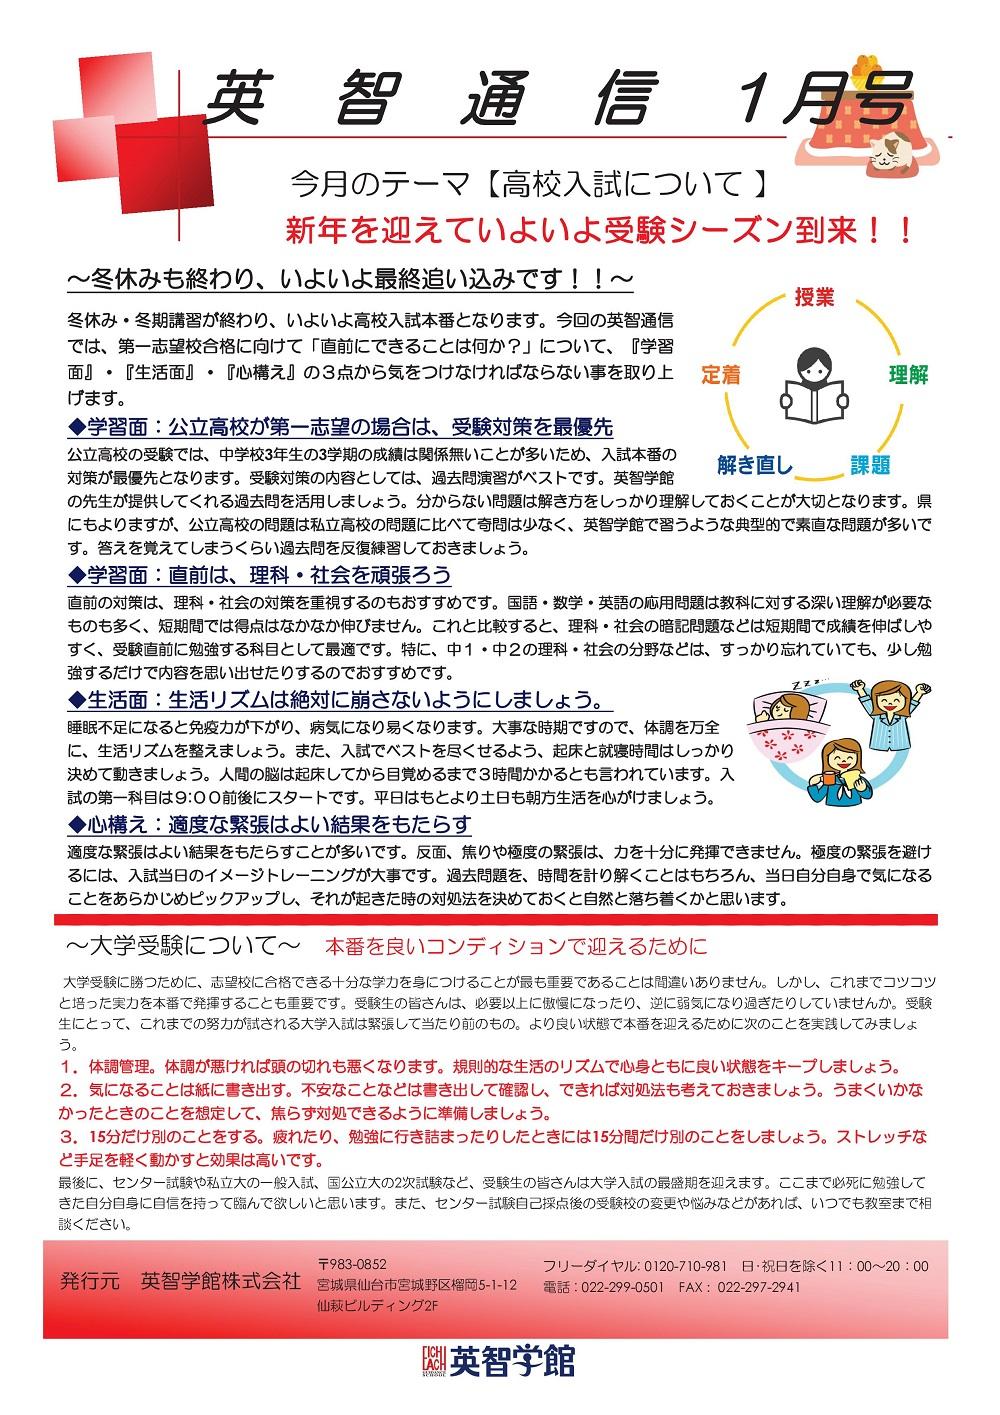 【英智学館 通信1月号】高校入試・大学入試について